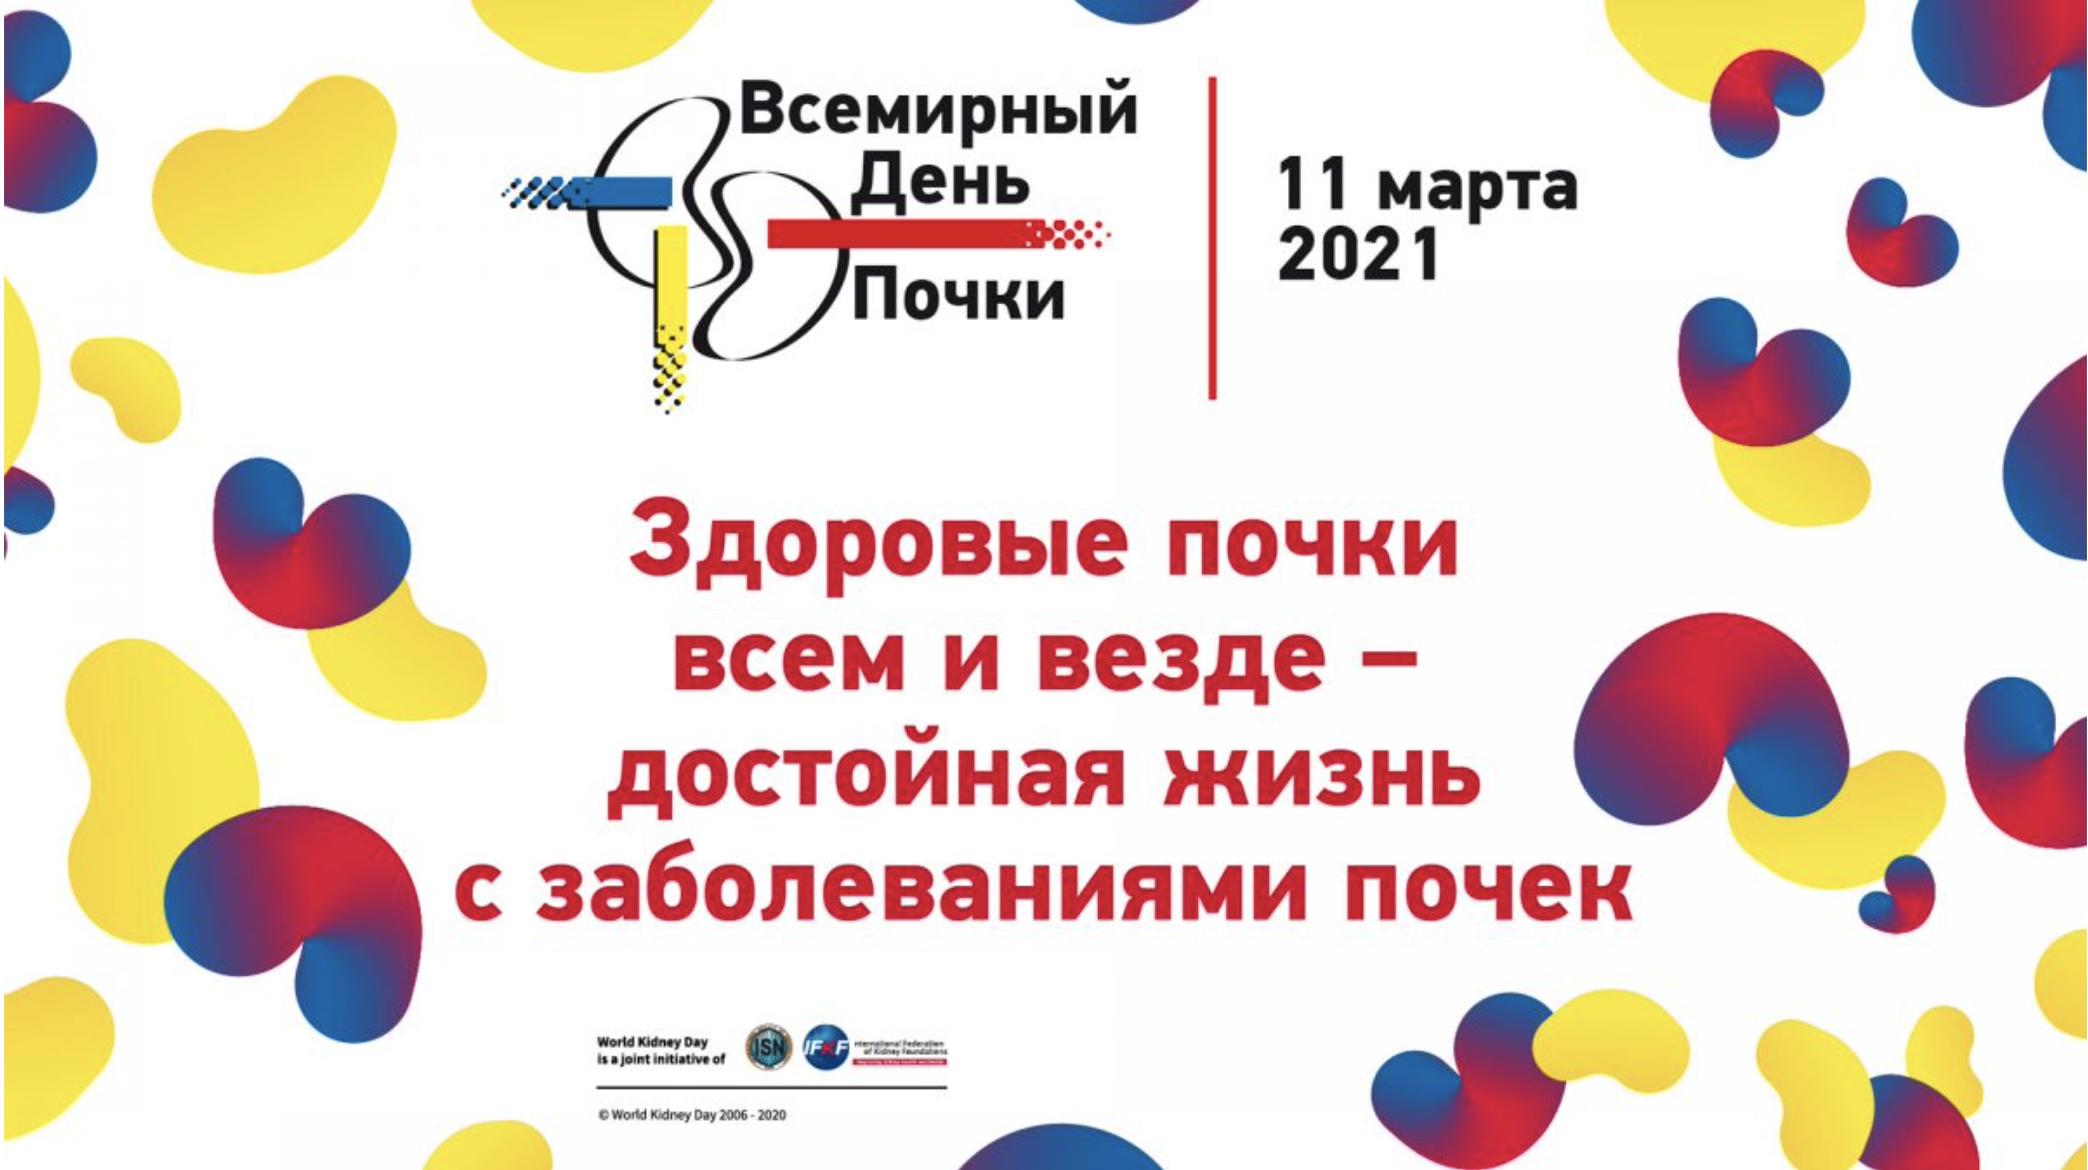 Научно-практическая конференция, посвященная Всемирному Дню Почки 2021 – «Здоровые почки всем и везде – достойная жизнь с заболеваниями почек»